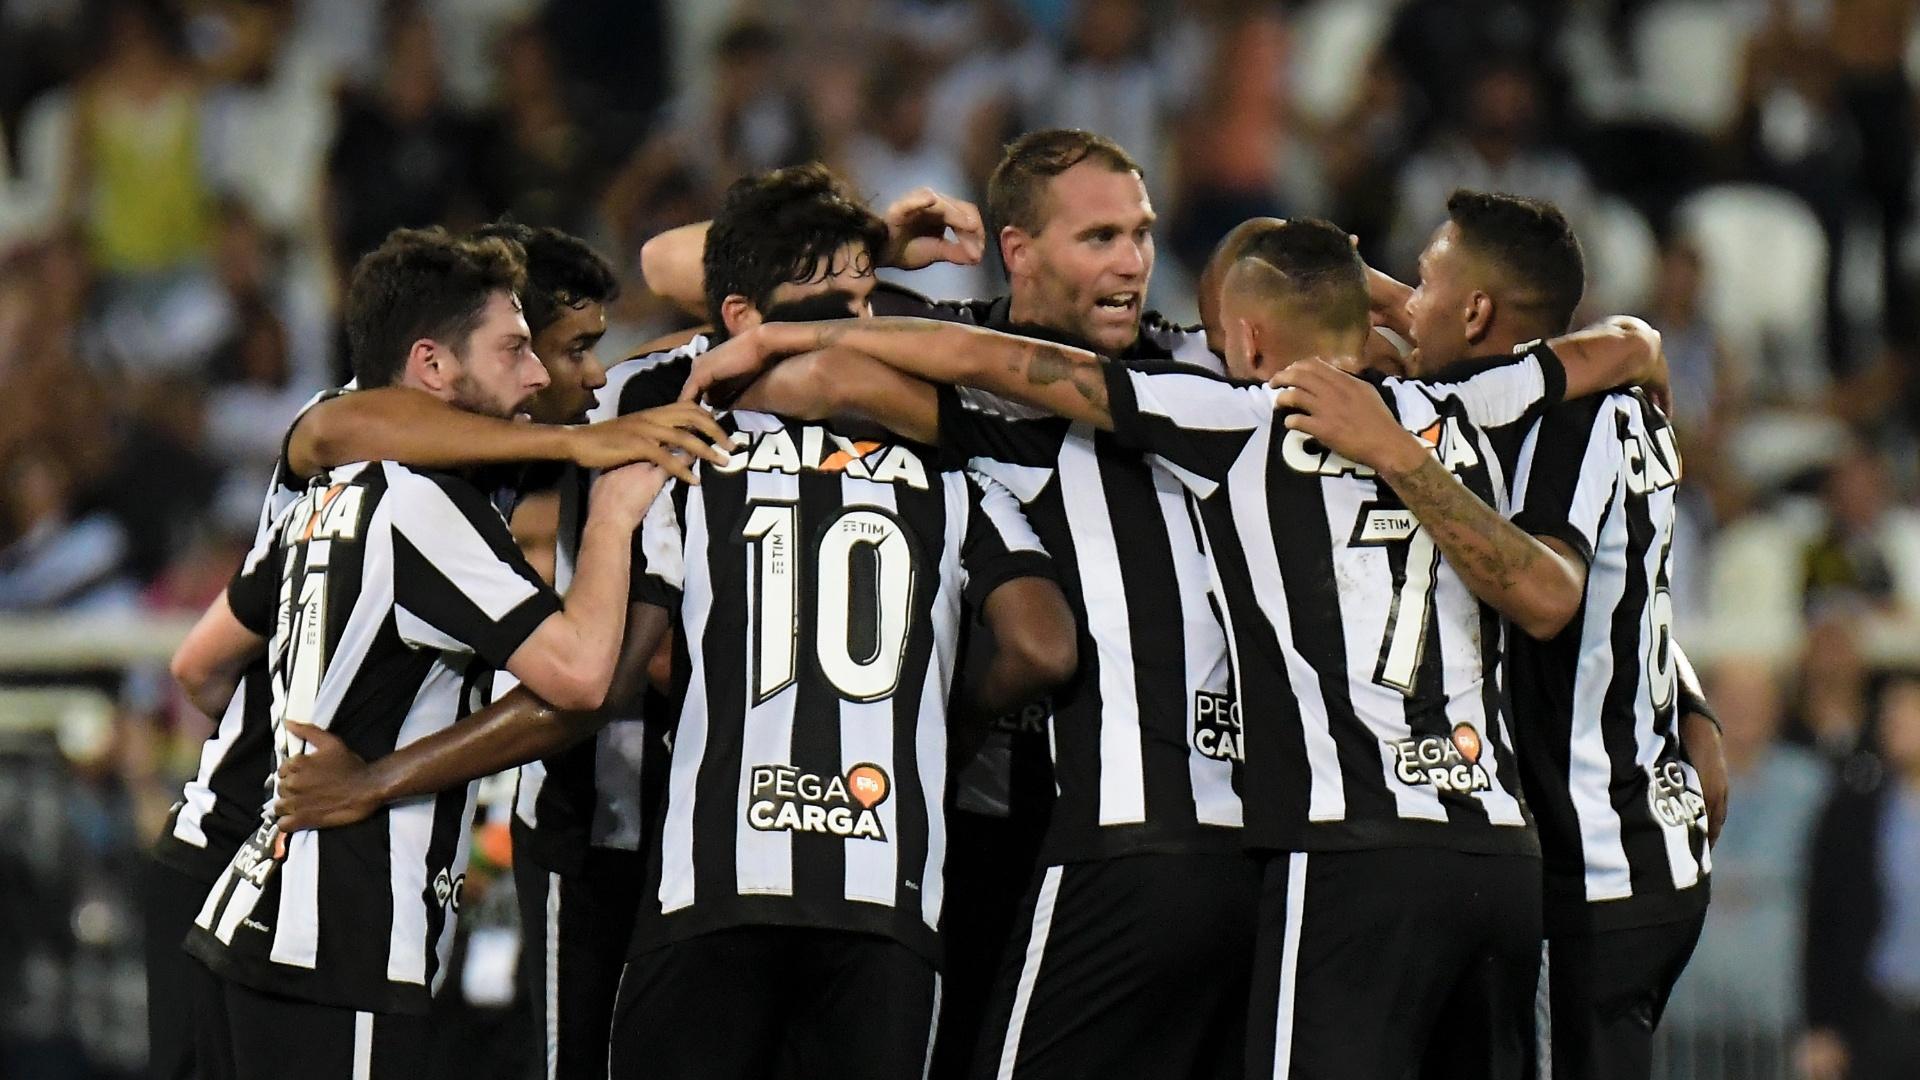 Jogadores do Botafogo comemoram o gol de João Paulo diante do Atlético-GO, no Nilton Santos